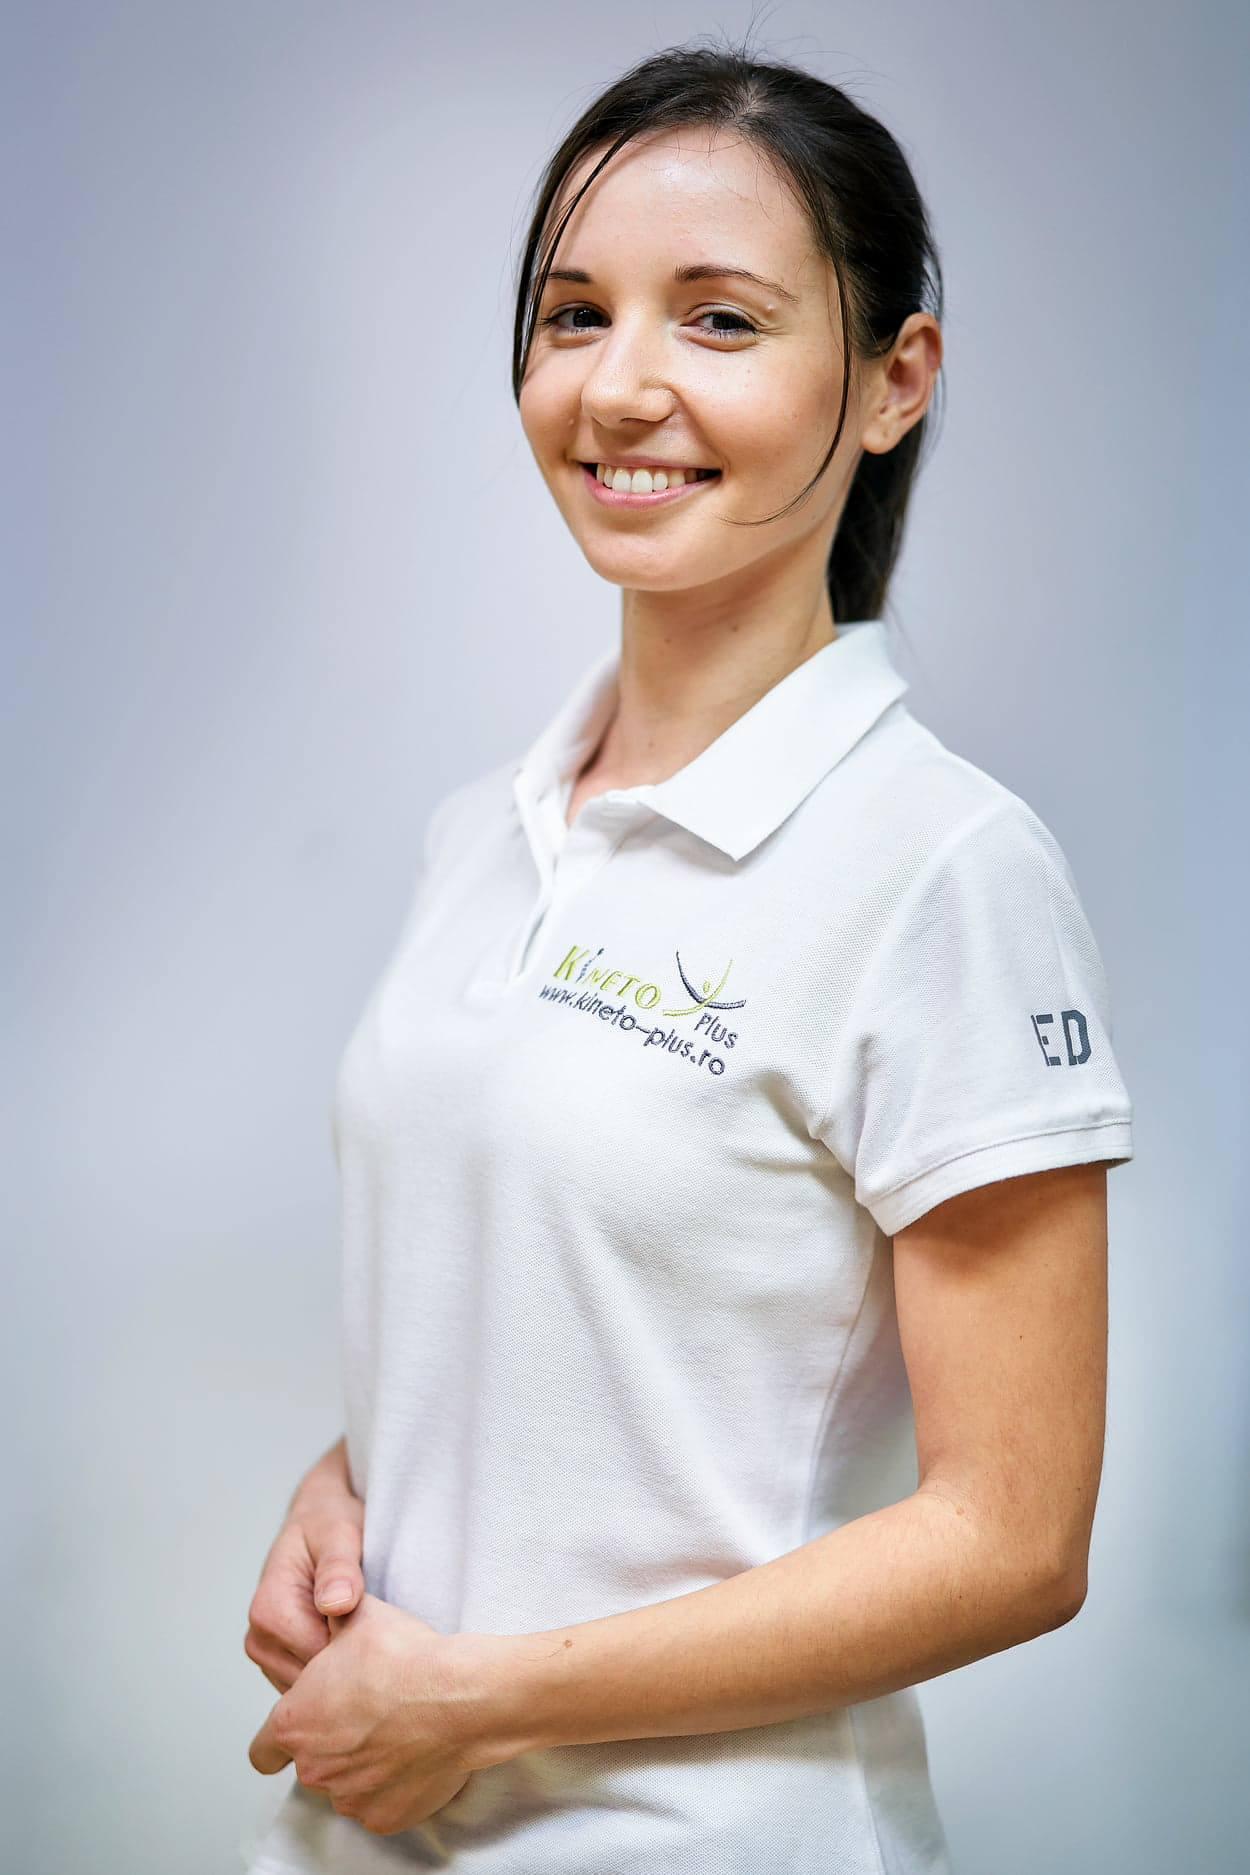 Elena Dumitrache fizioterapeut